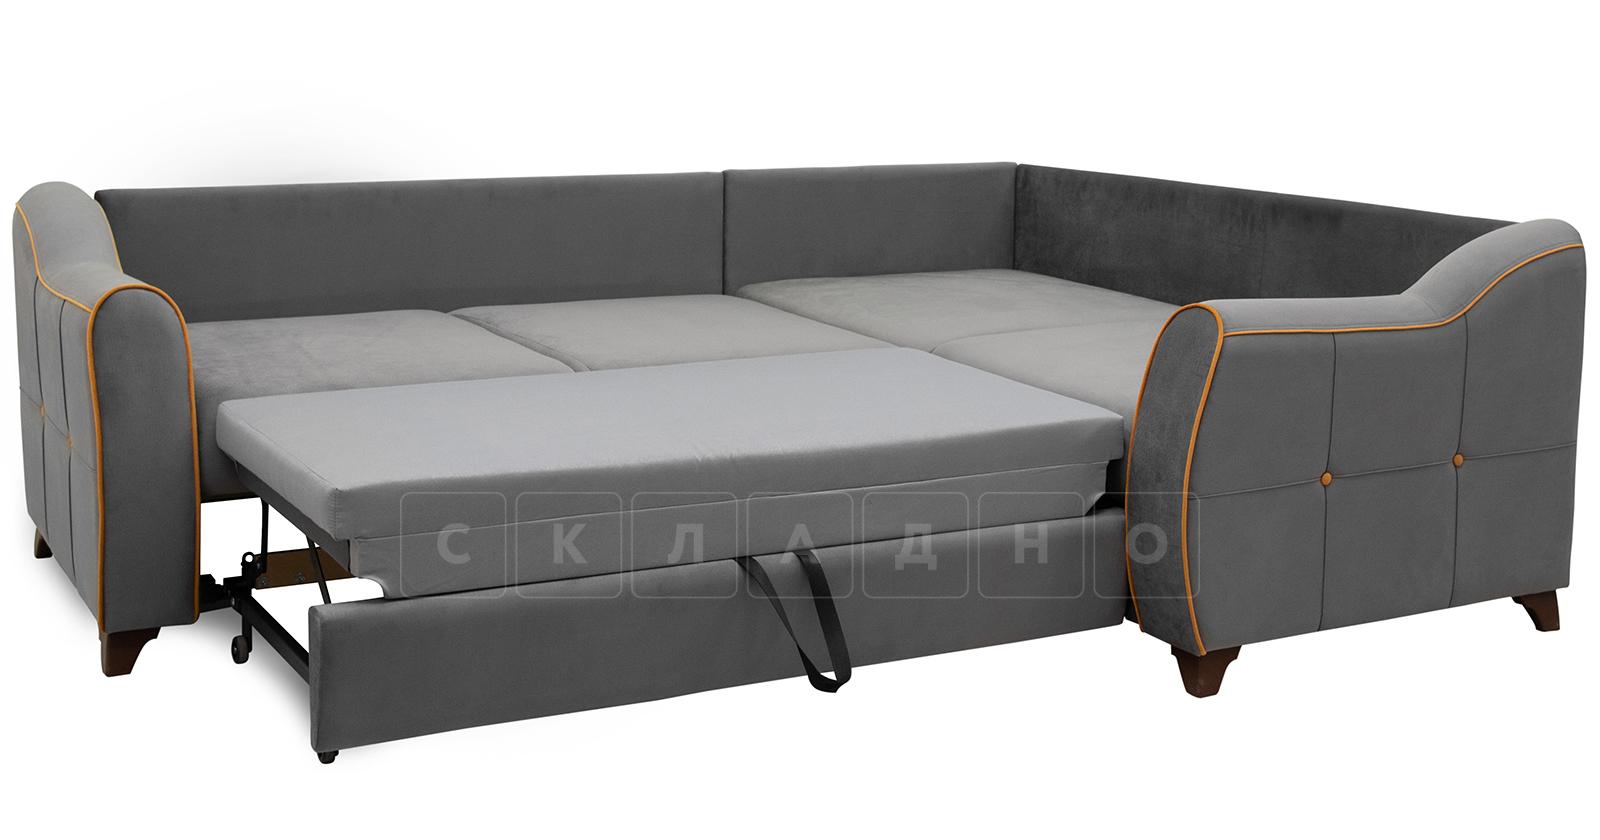 Диван-кровать угловой Флэтфорд кварцевый серый фото 6   интернет-магазин Складно